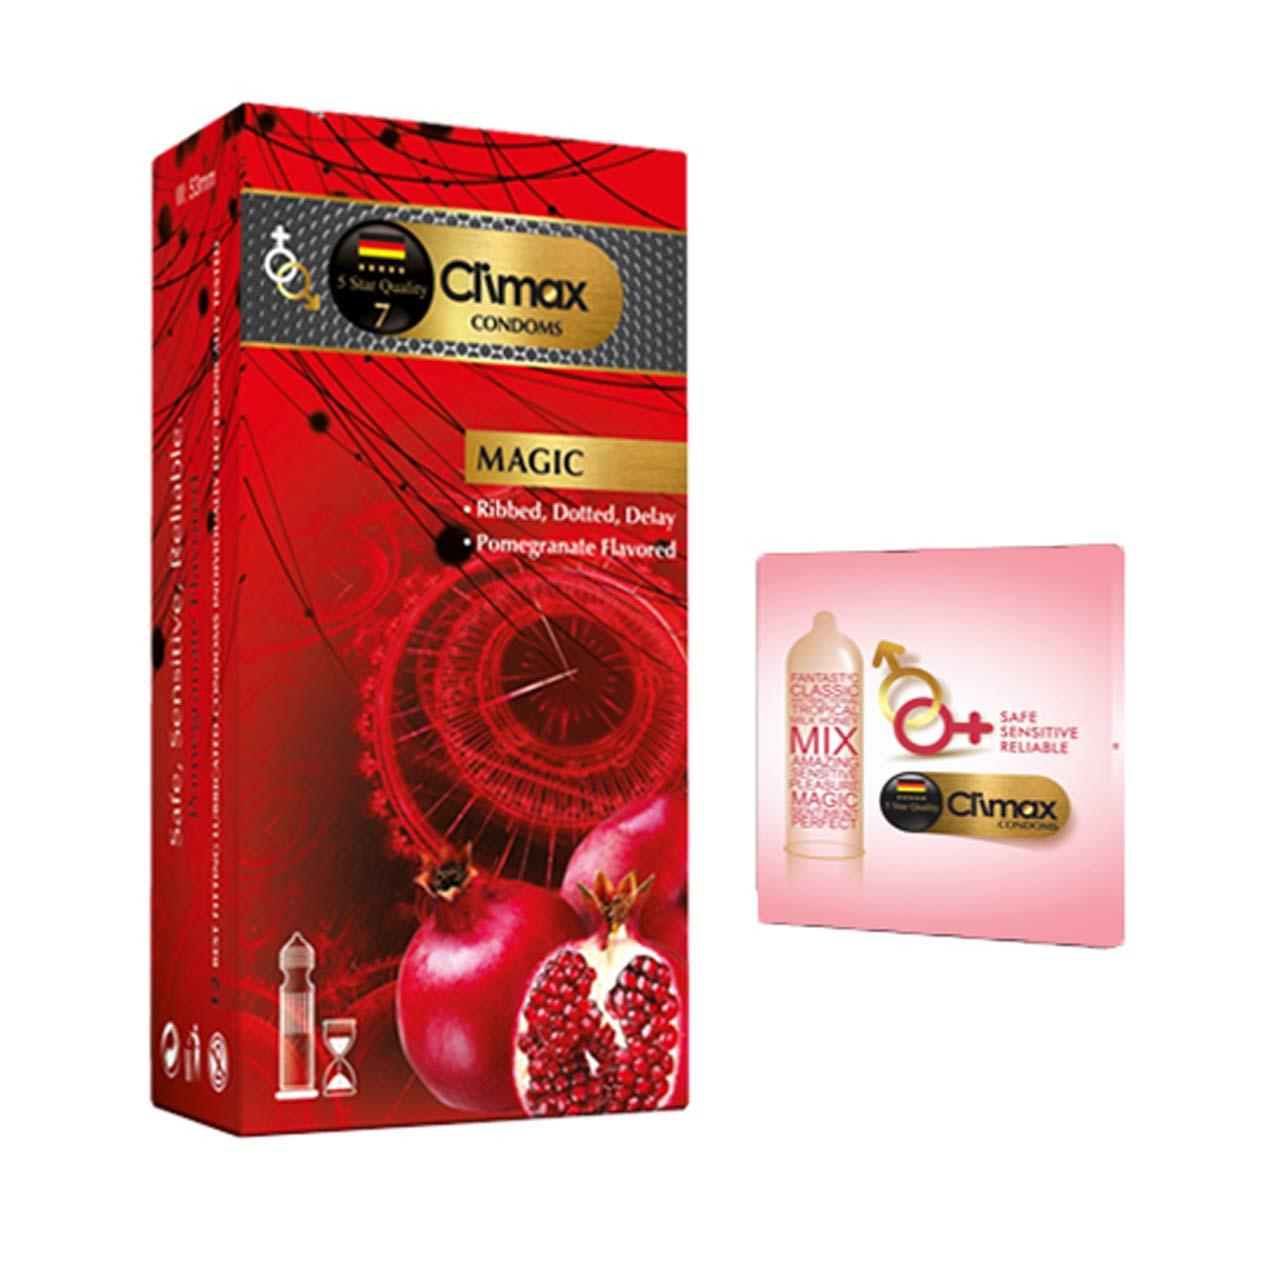 کاندوم کلایمکس مدل MAGIC بسته 12 عددی به همراه کاندوم مدل بلیسر کد 01